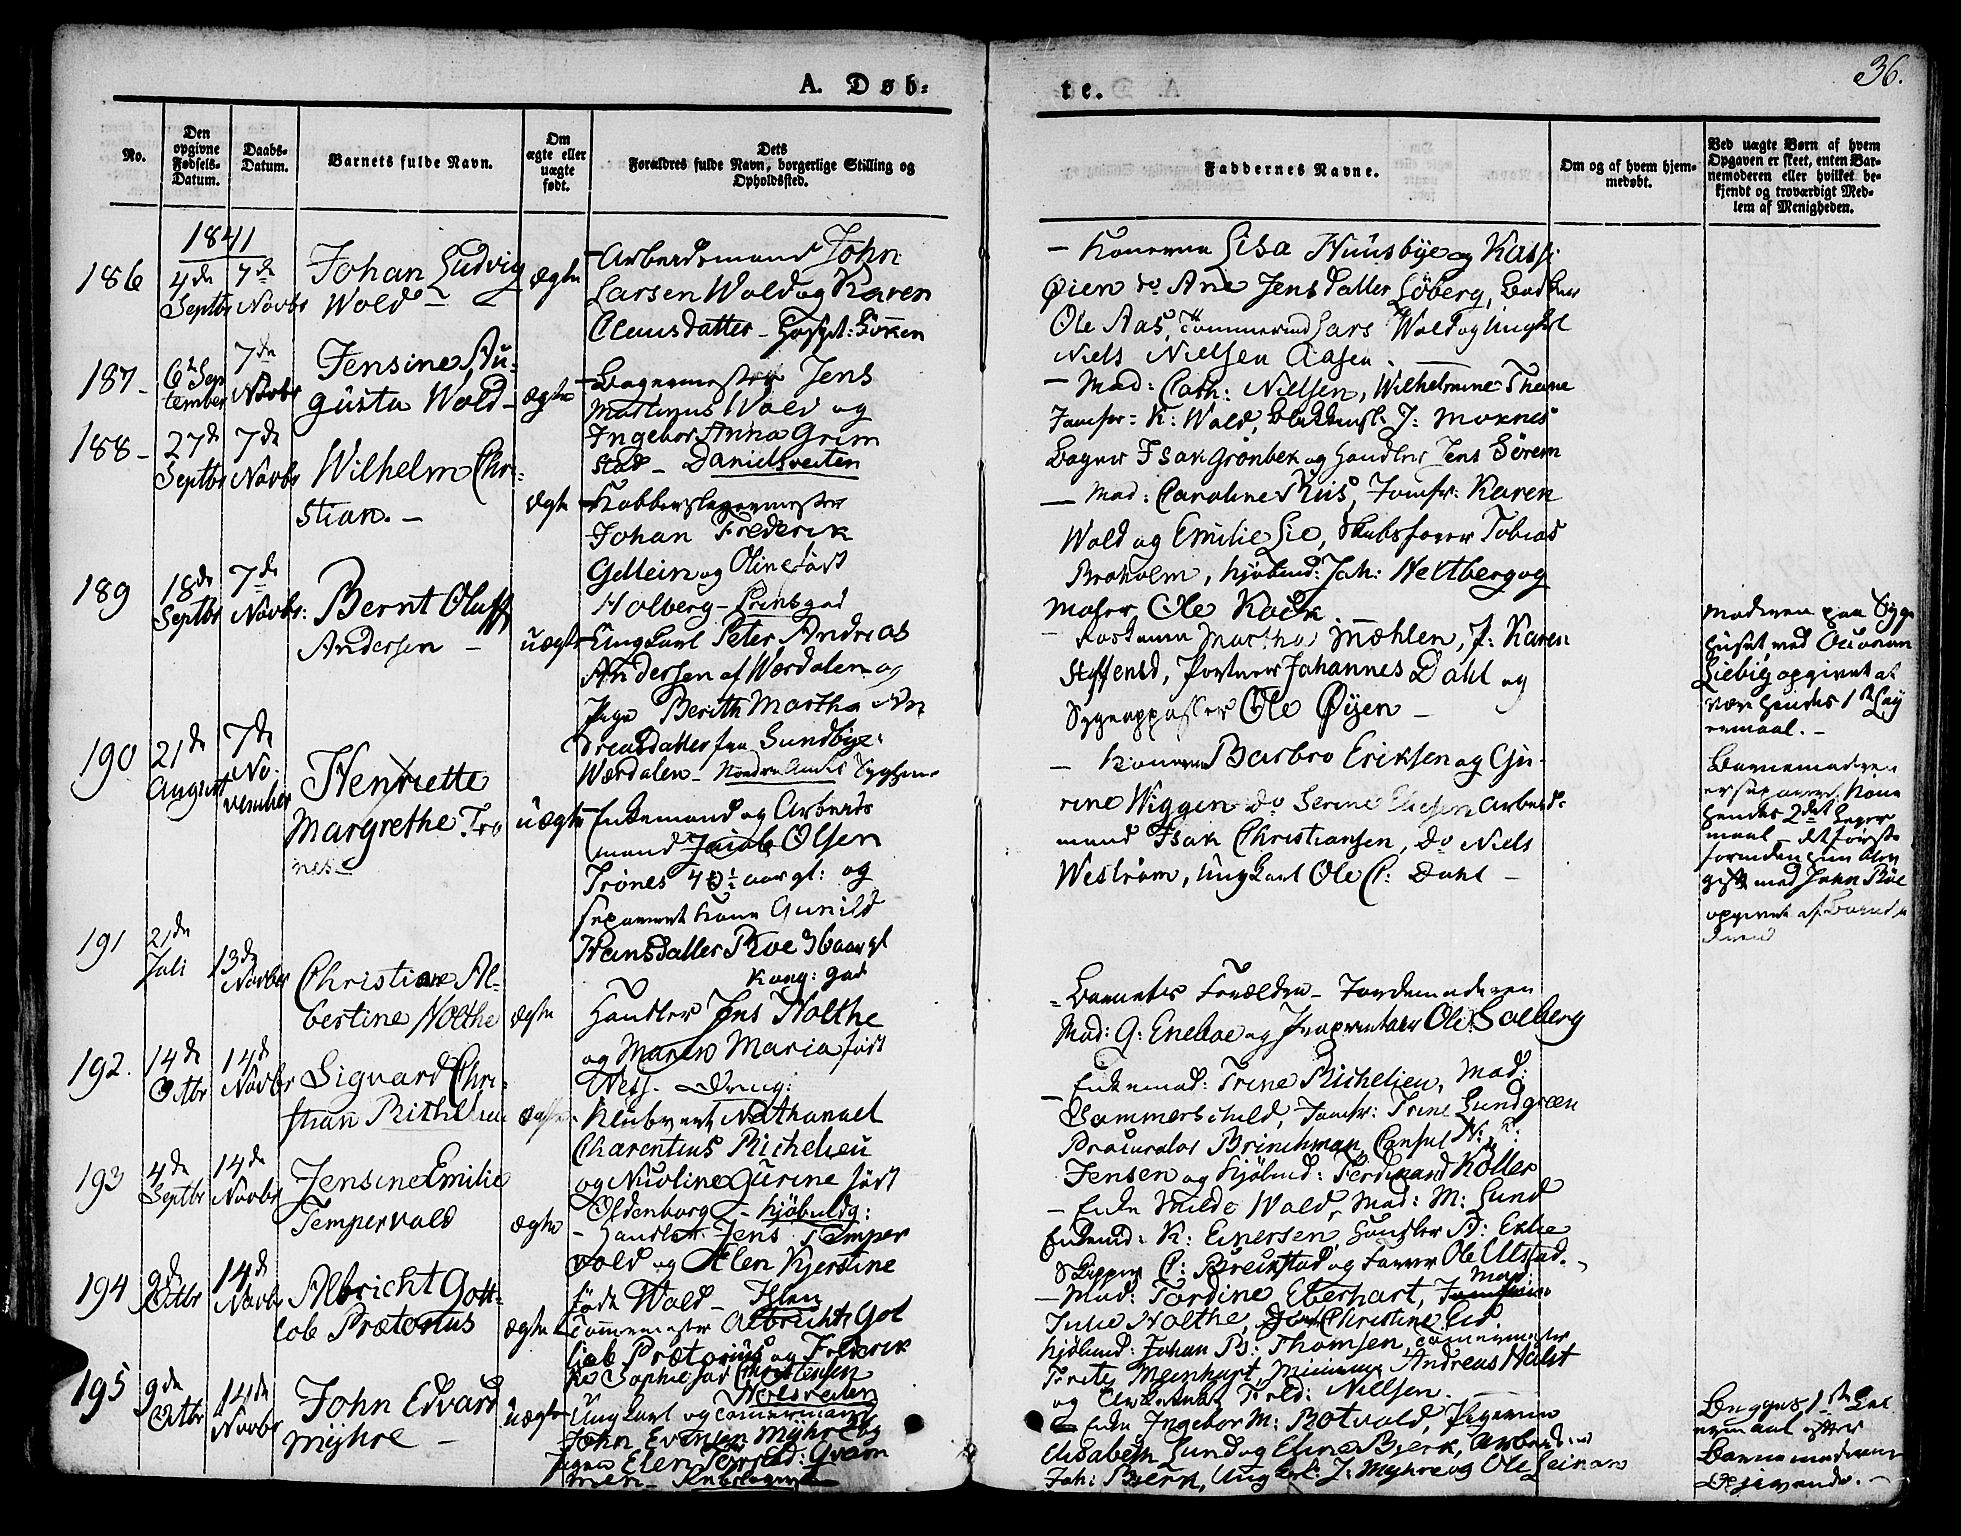 SAT, Ministerialprotokoller, klokkerbøker og fødselsregistre - Sør-Trøndelag, 601/L0048: Ministerialbok nr. 601A16, 1840-1847, s. 36